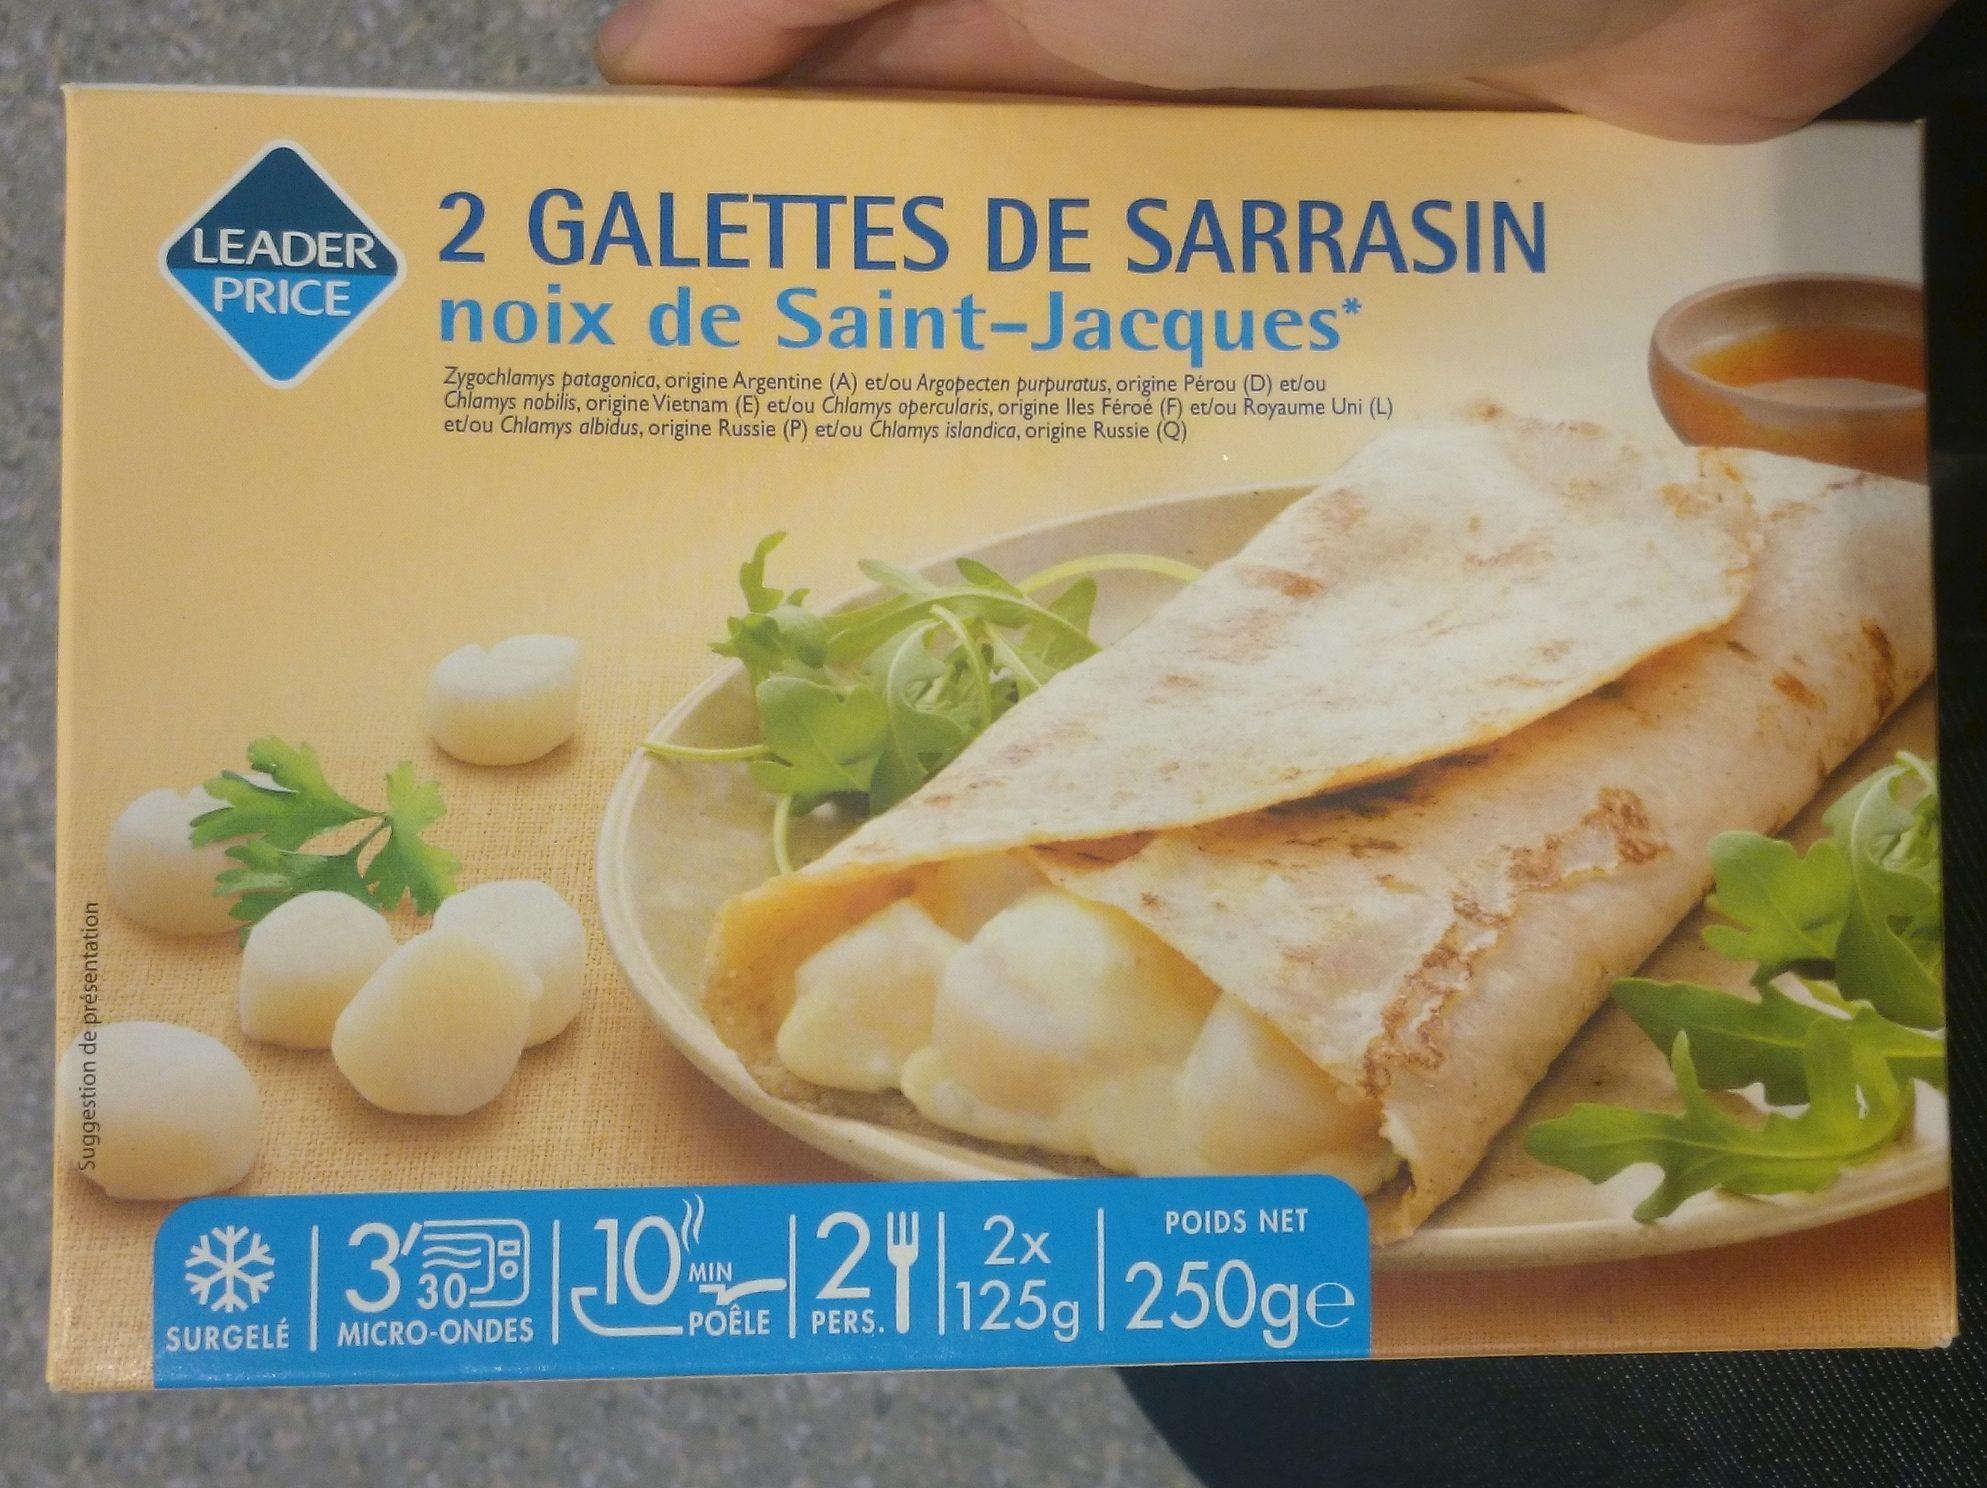 2 Galettes de Sarrasin Noix de Saint-Jacques - Product